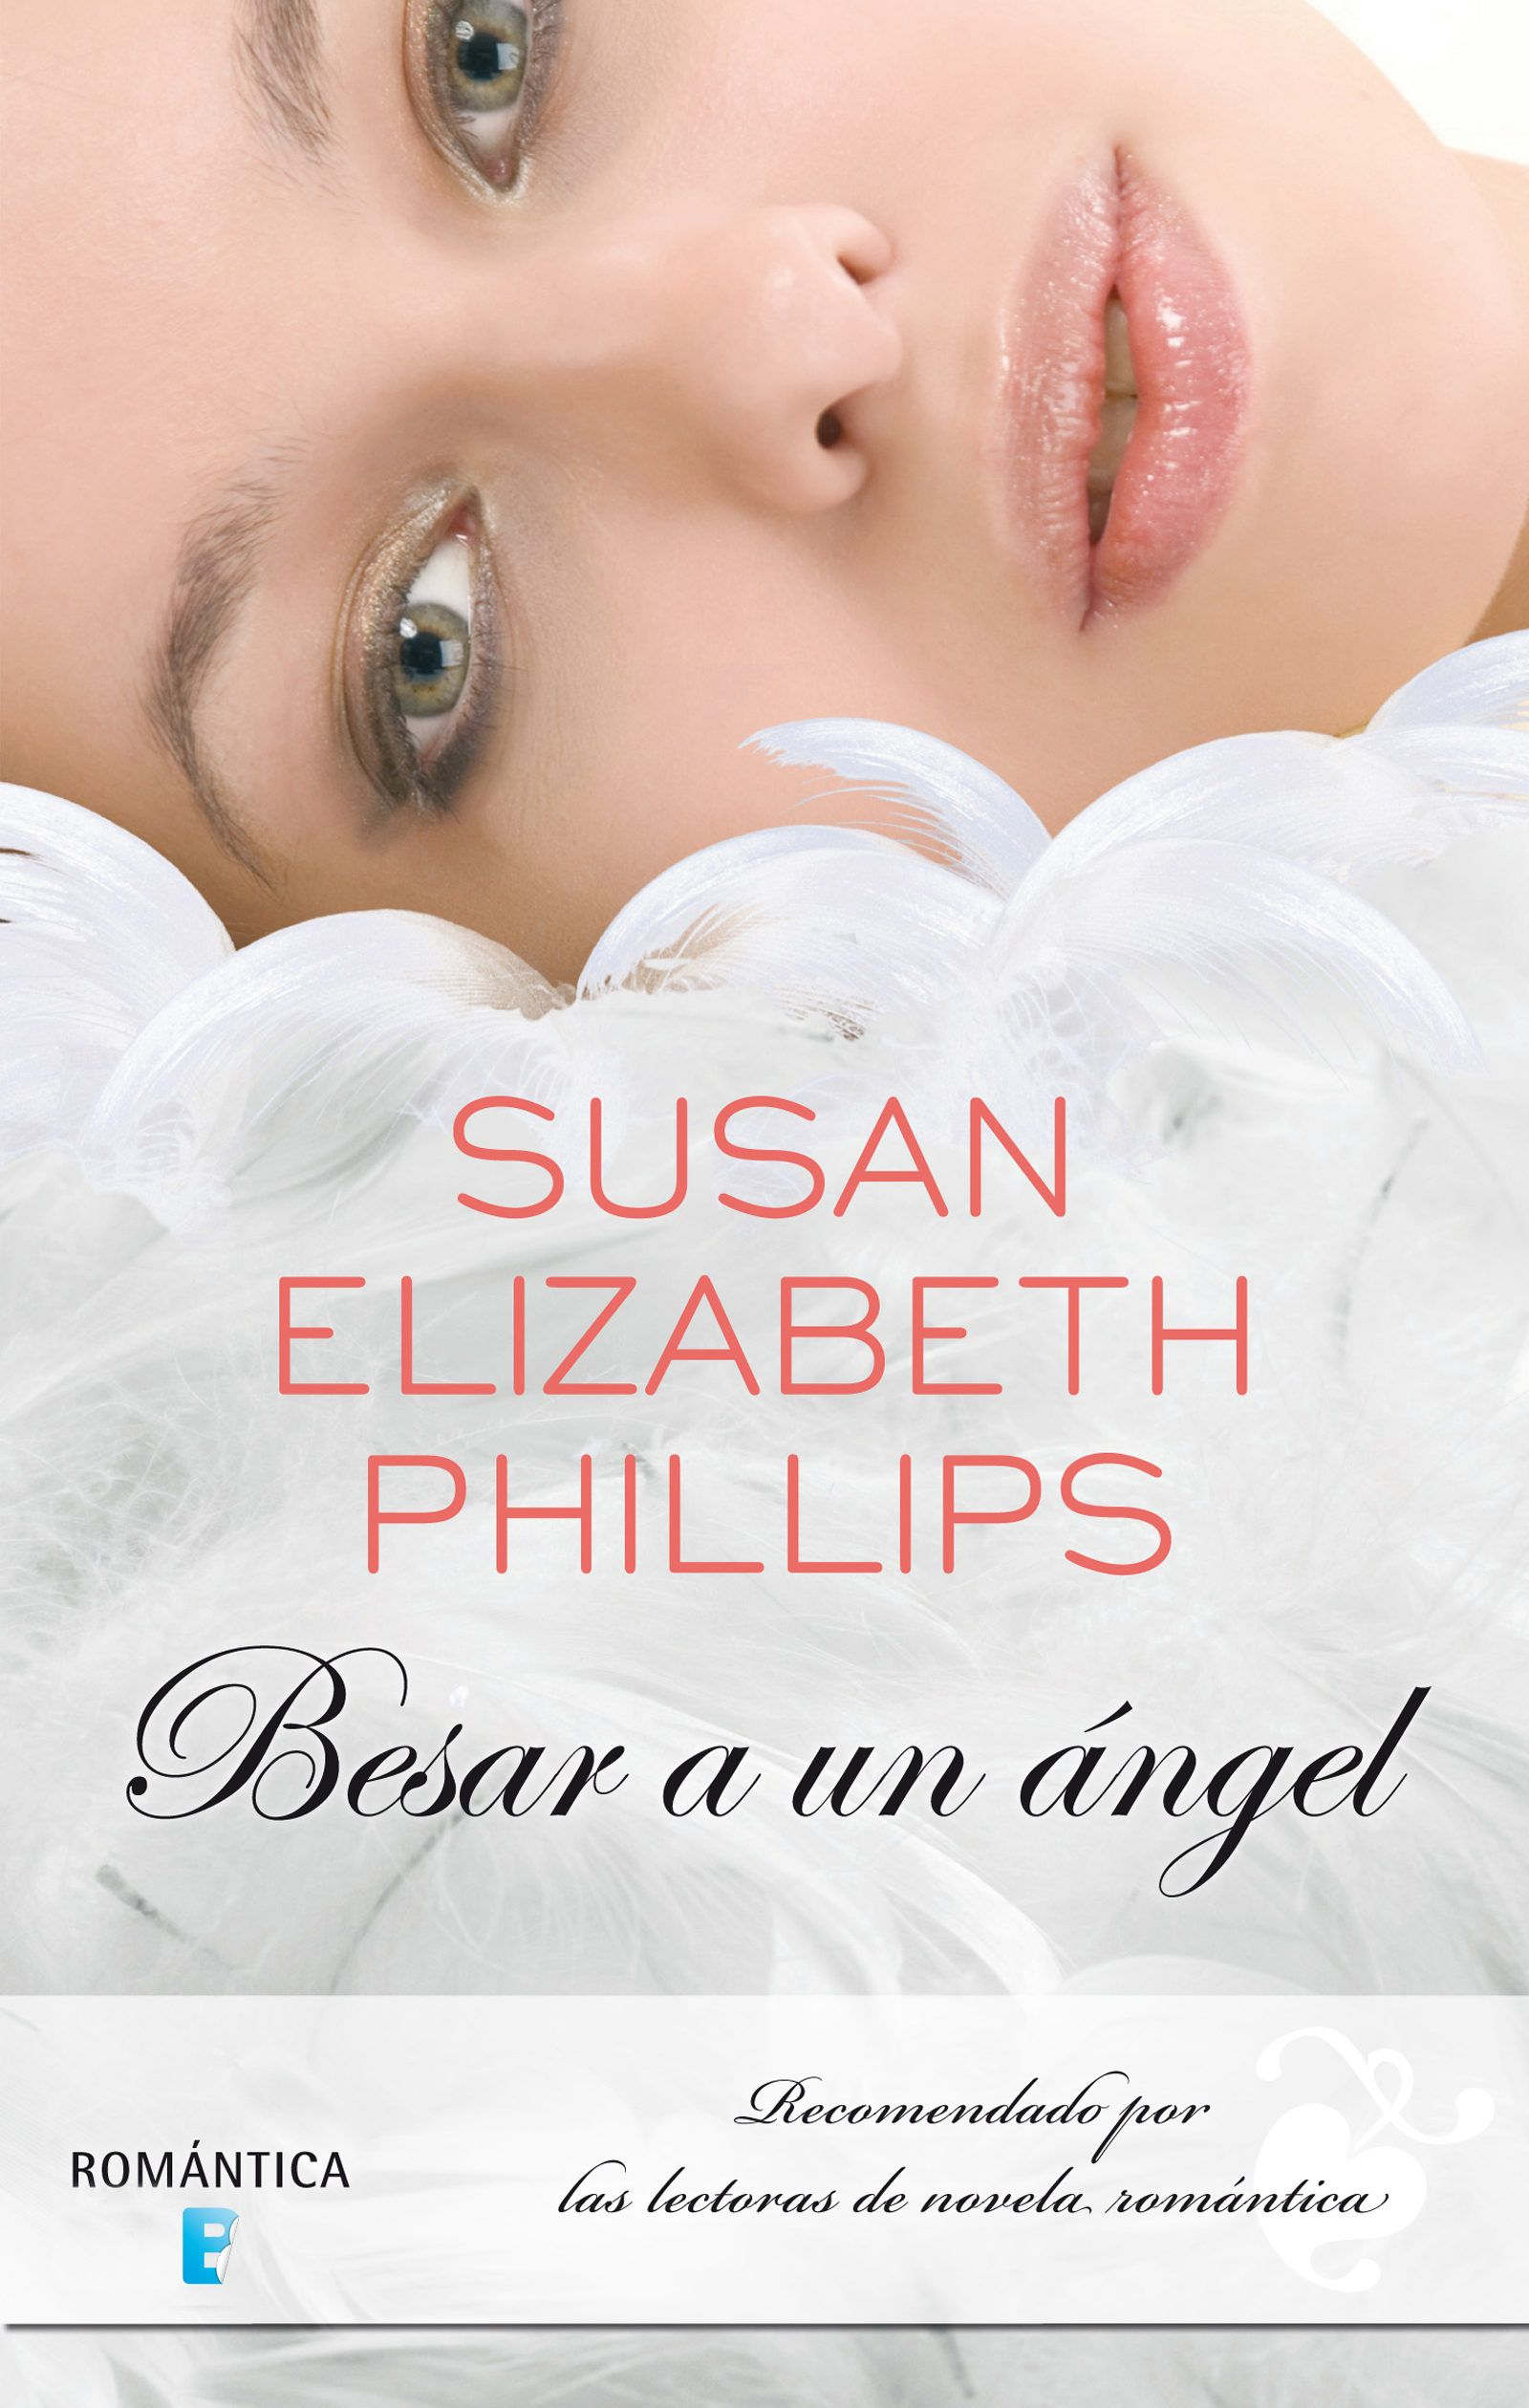 Descarga Besar A Un ángel Susan Elizabeth Phillips Https Ift Tt 2c1gl8v Besar A Un Angel Libros Libros Romanticos